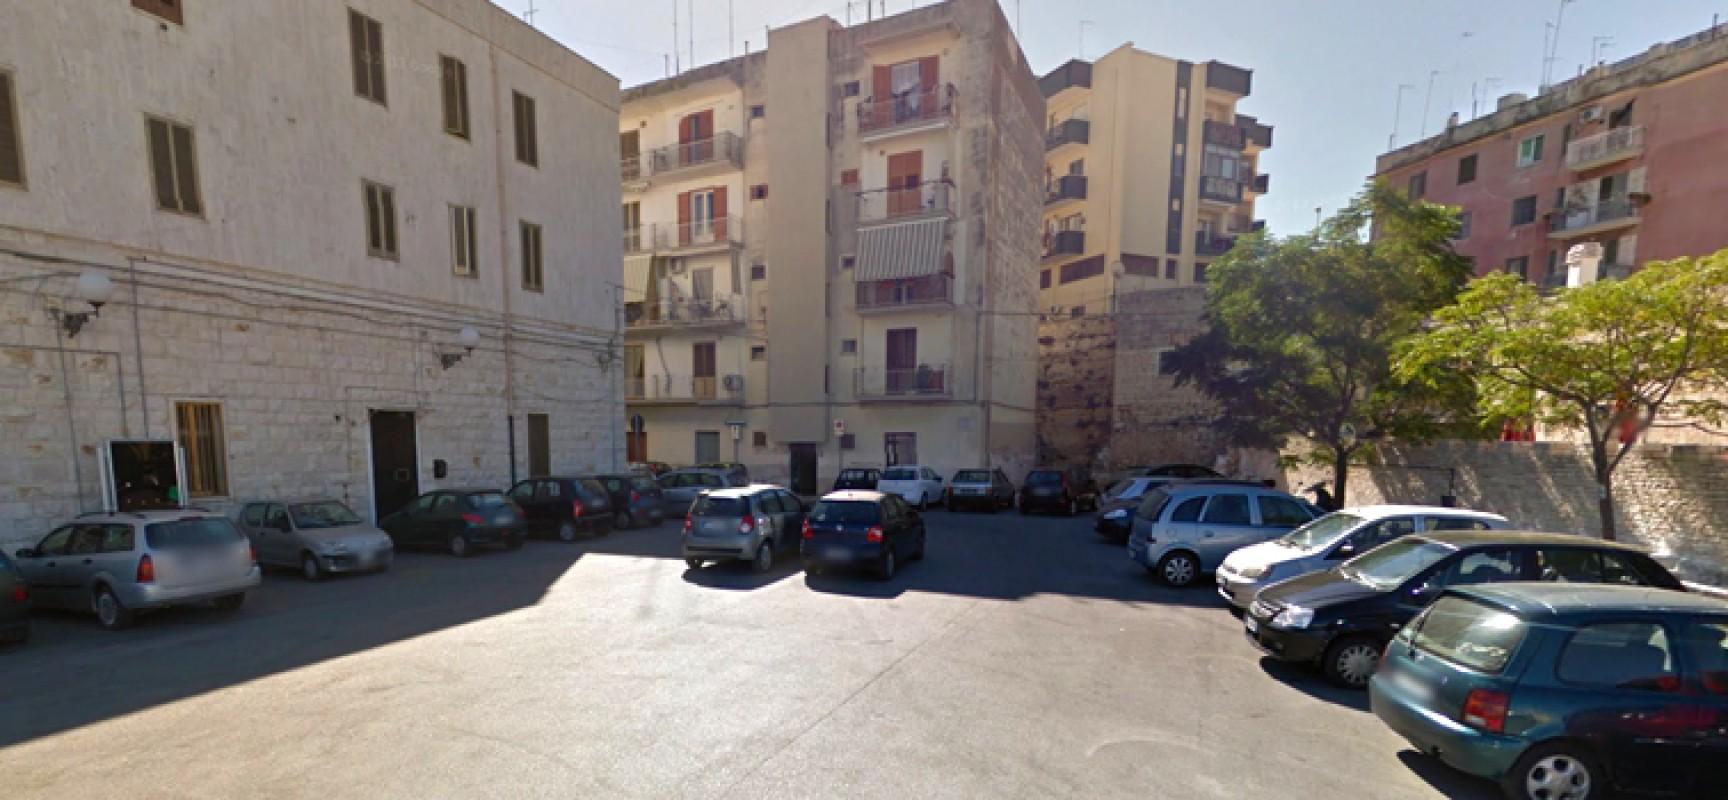 183.900 euro per la riqualificazione della piazza di via Taranto, il comune si aggiudica il bando